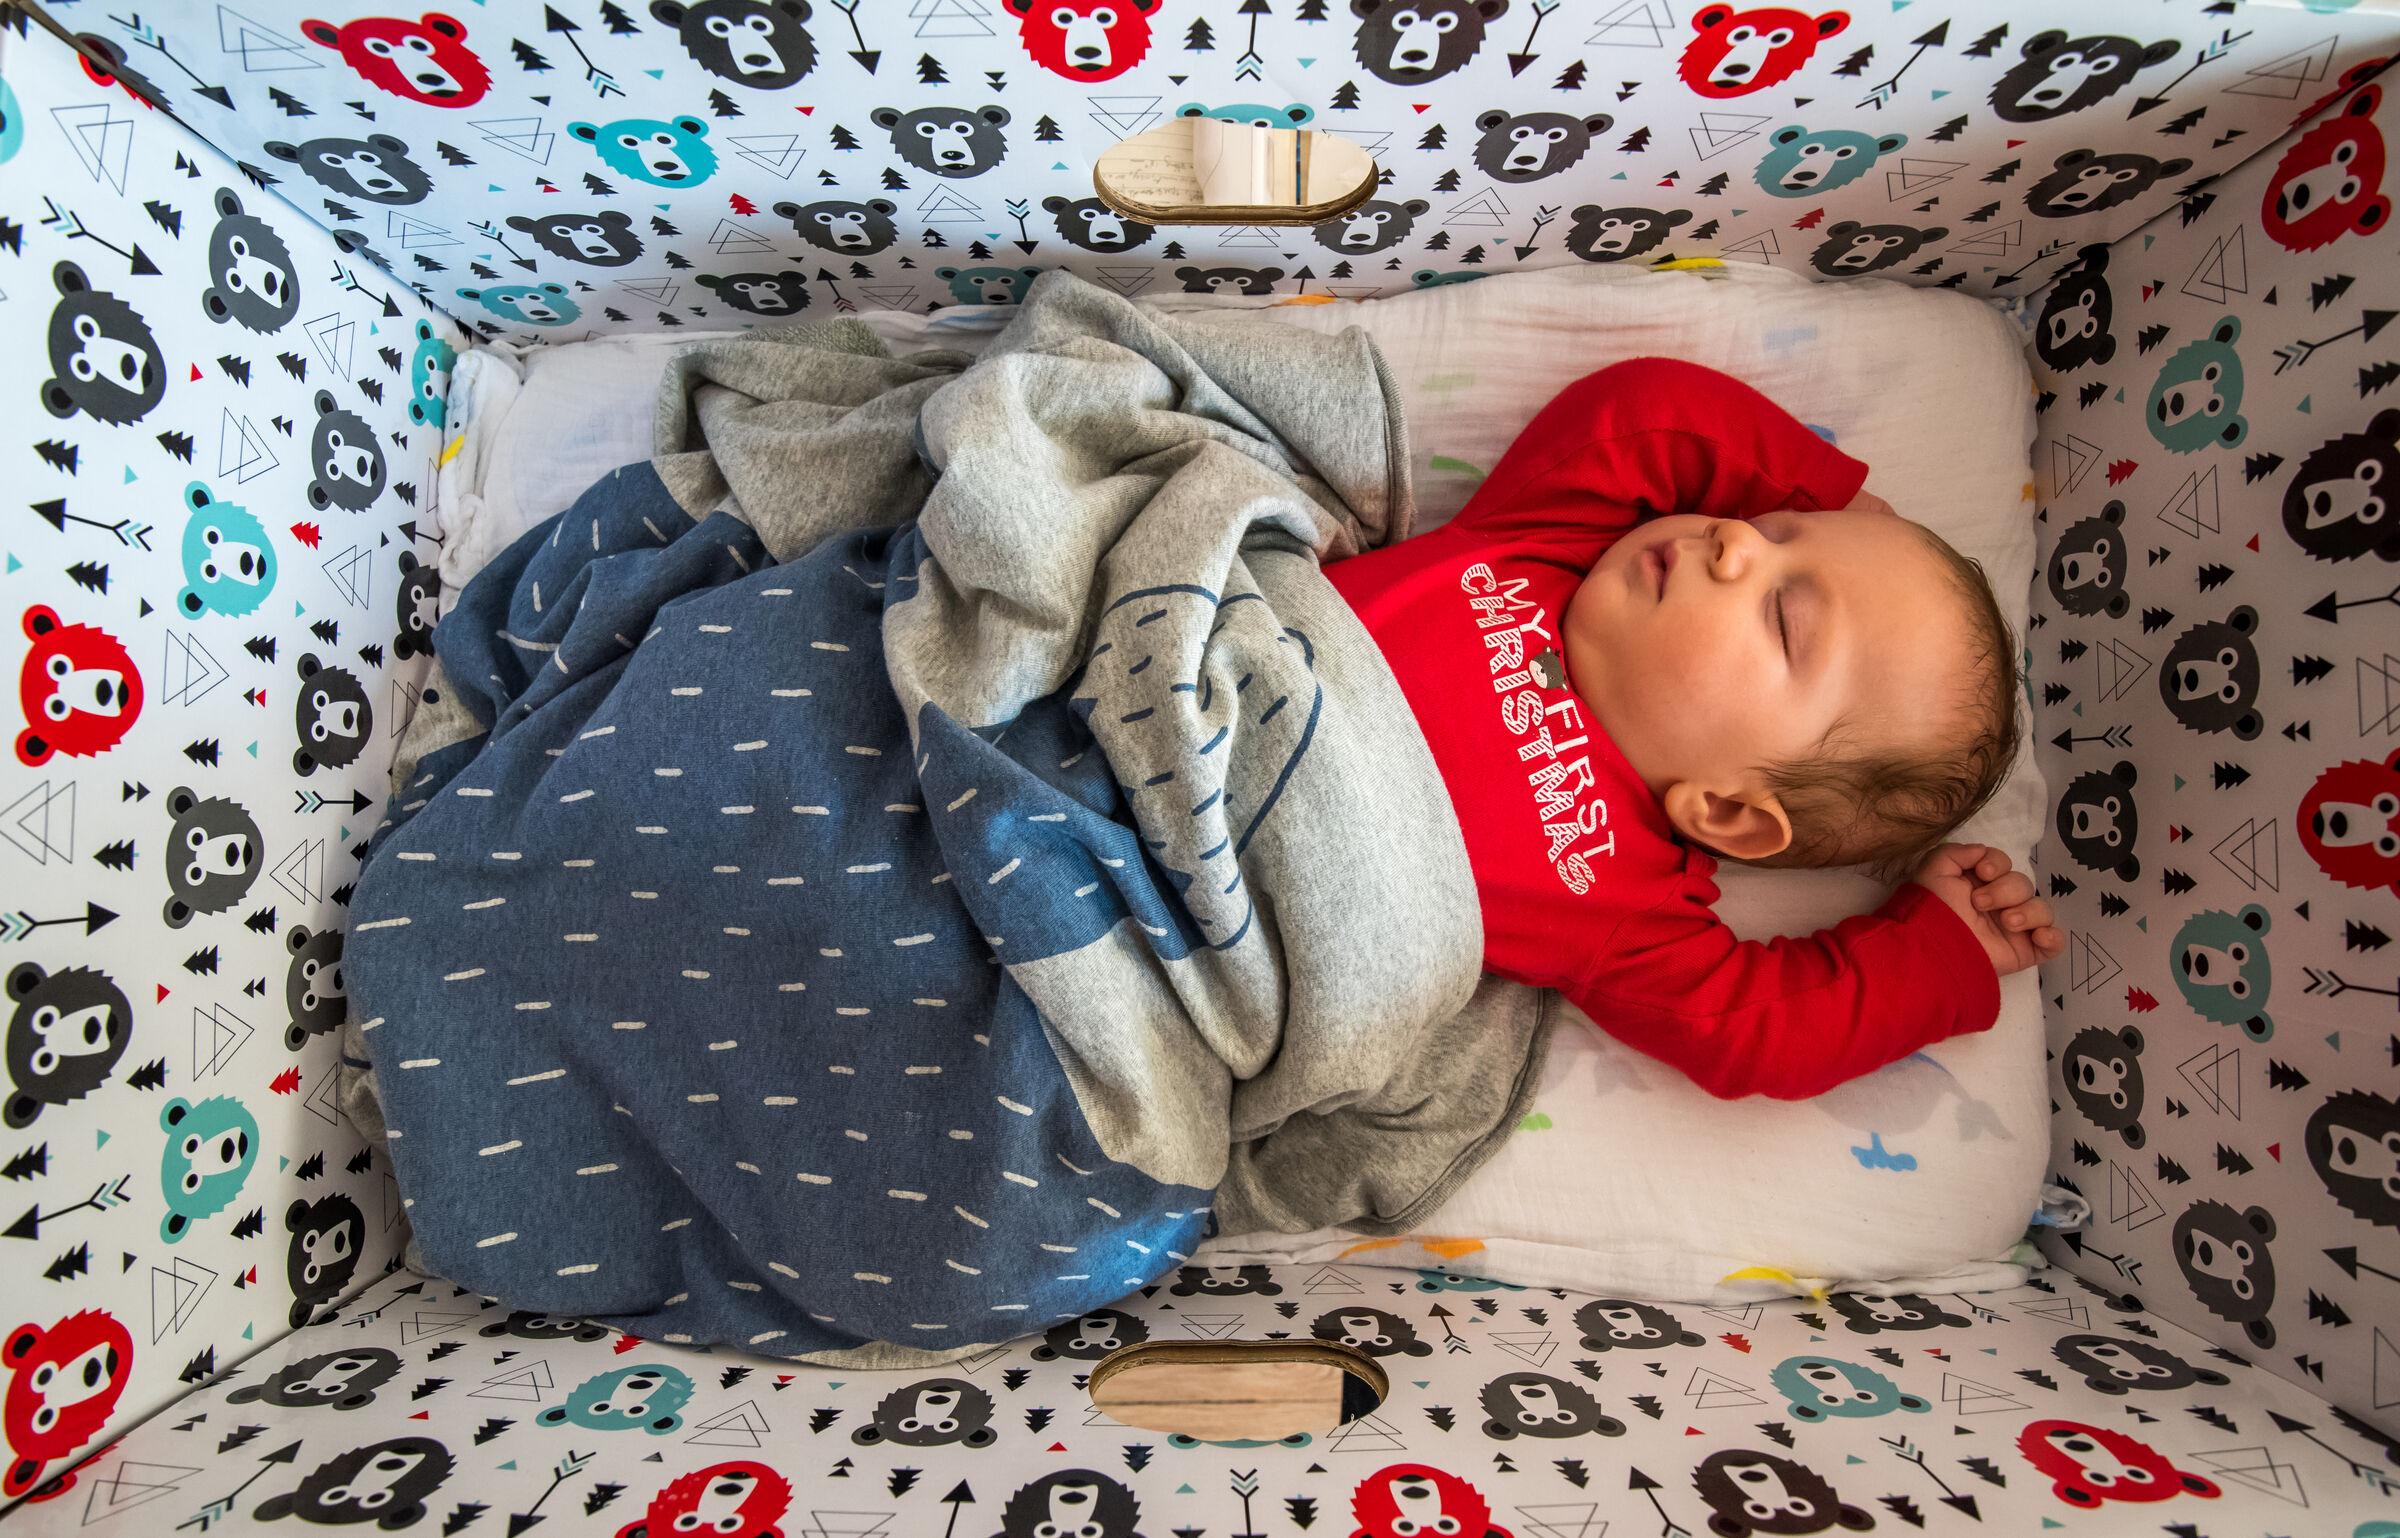 Bebê-dentro-do-berço-feito-de-caixa-de-papelão